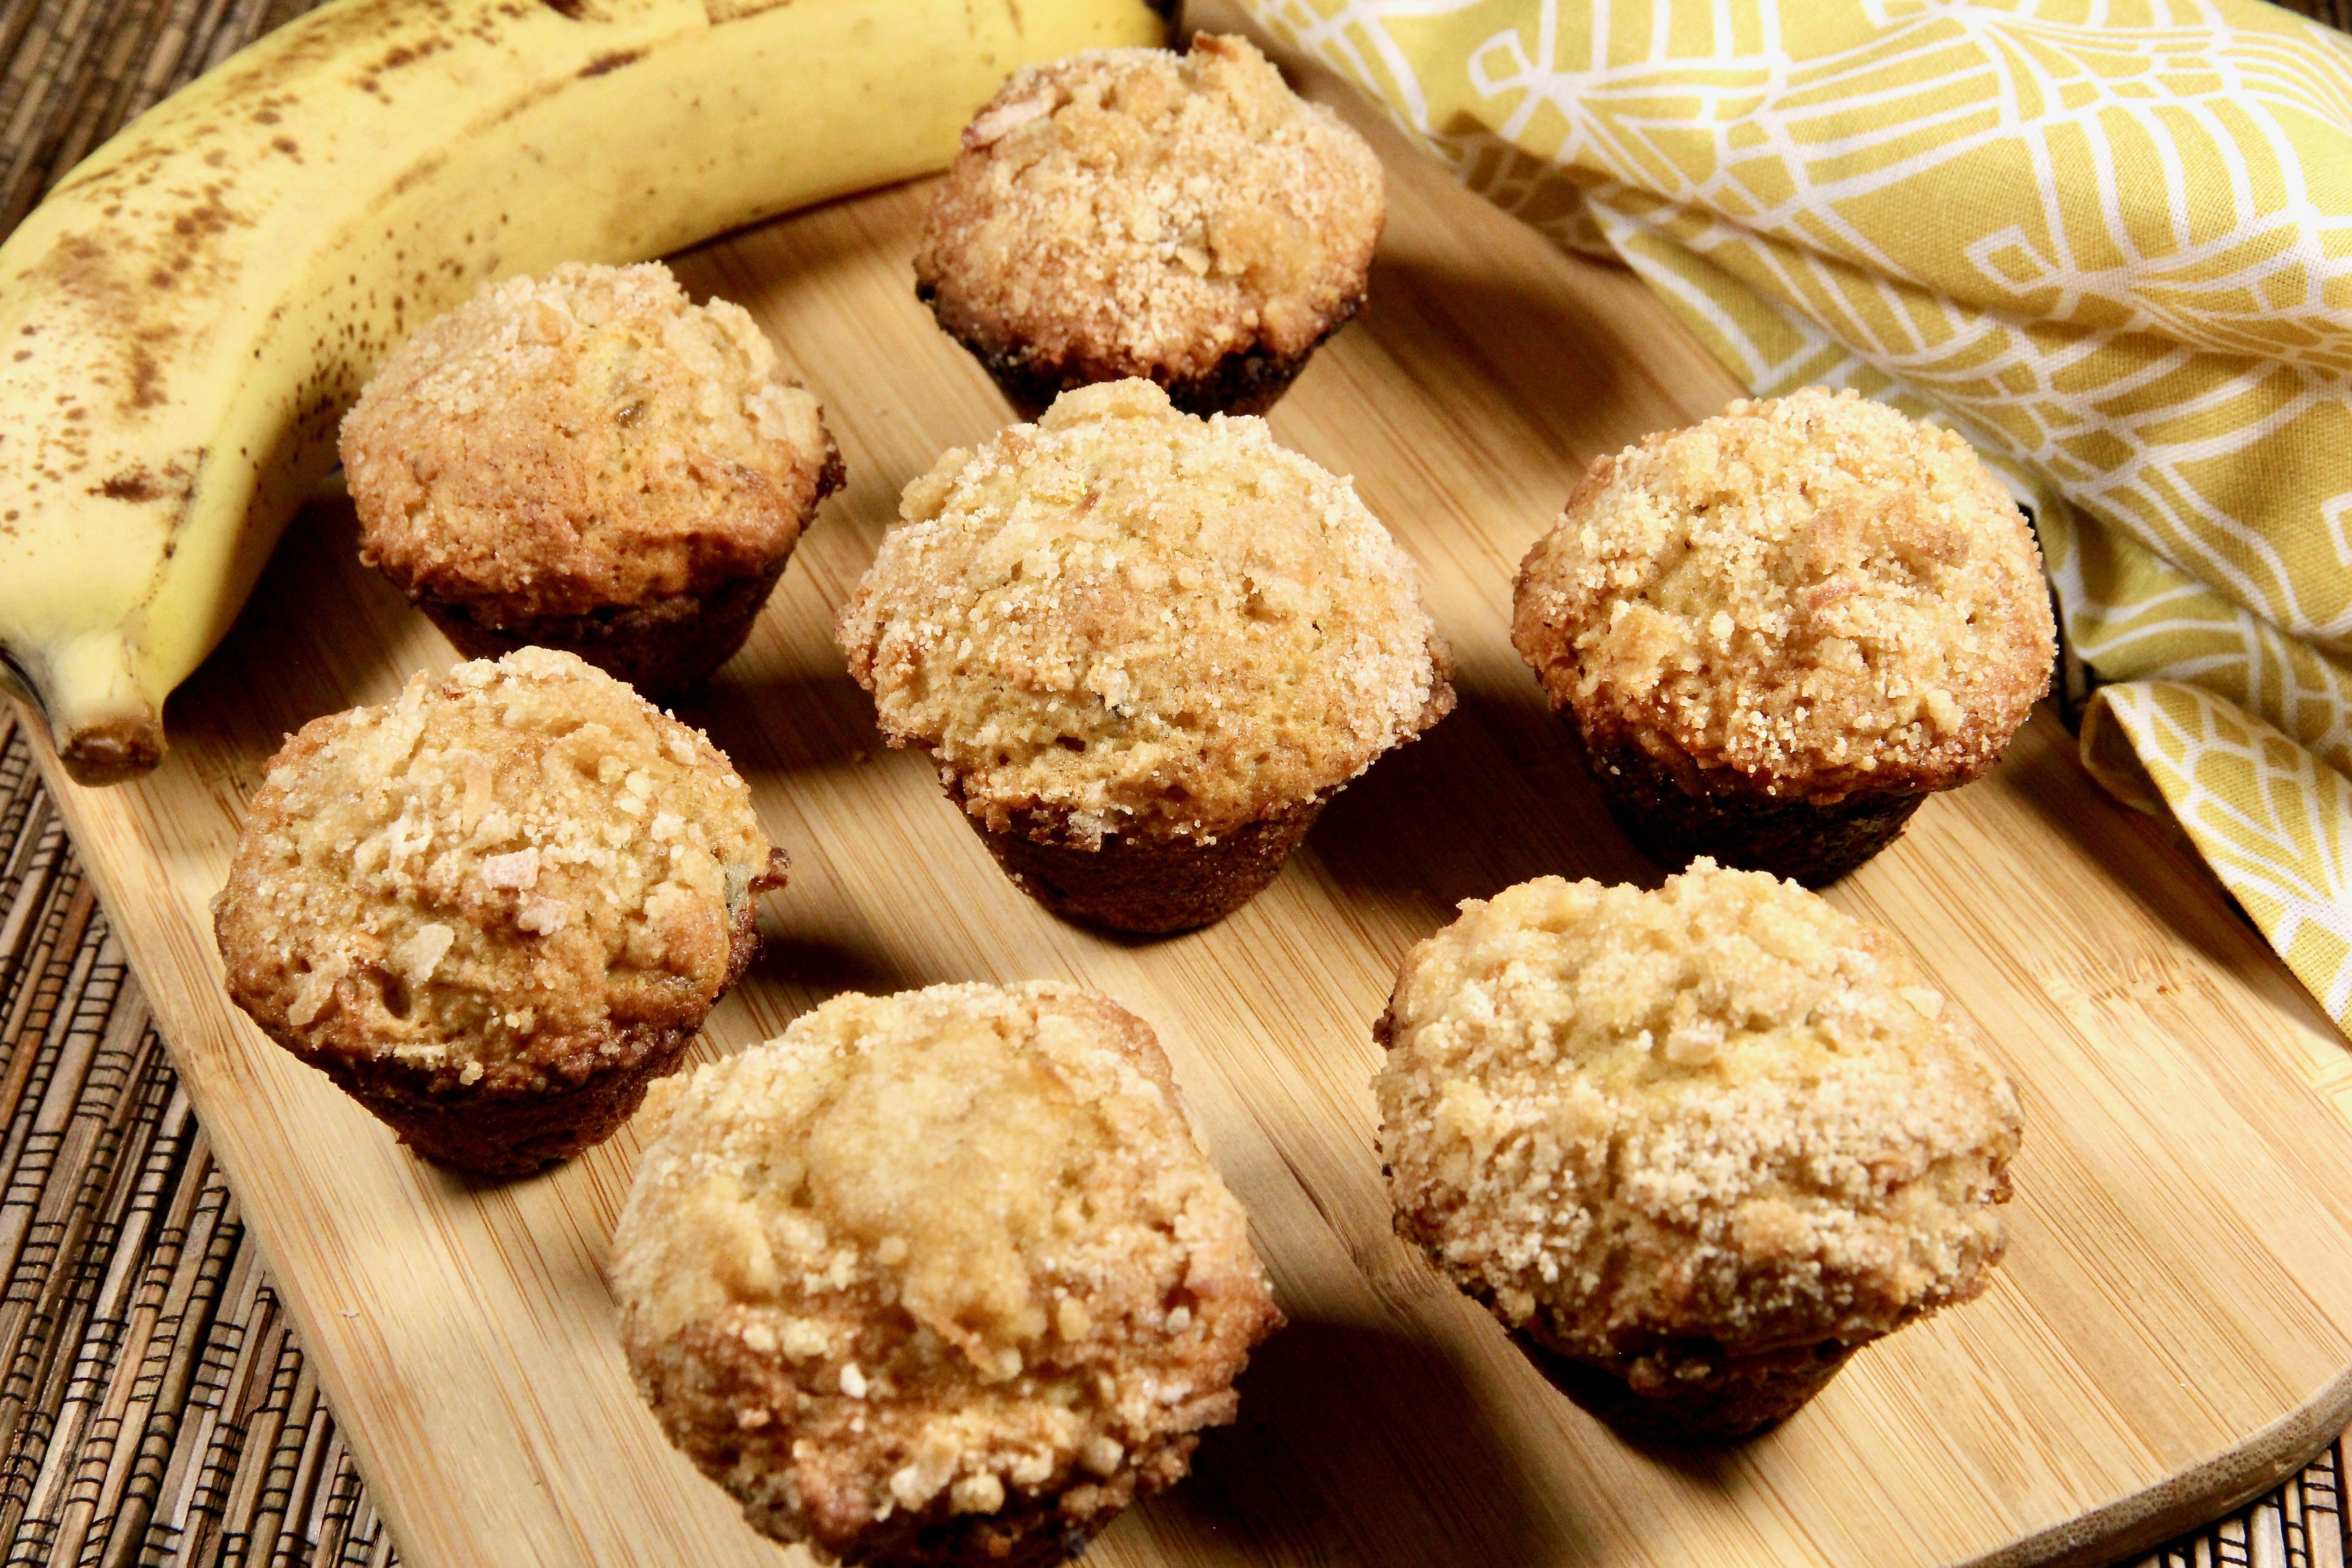 Lemony Banana Crumb Muffins